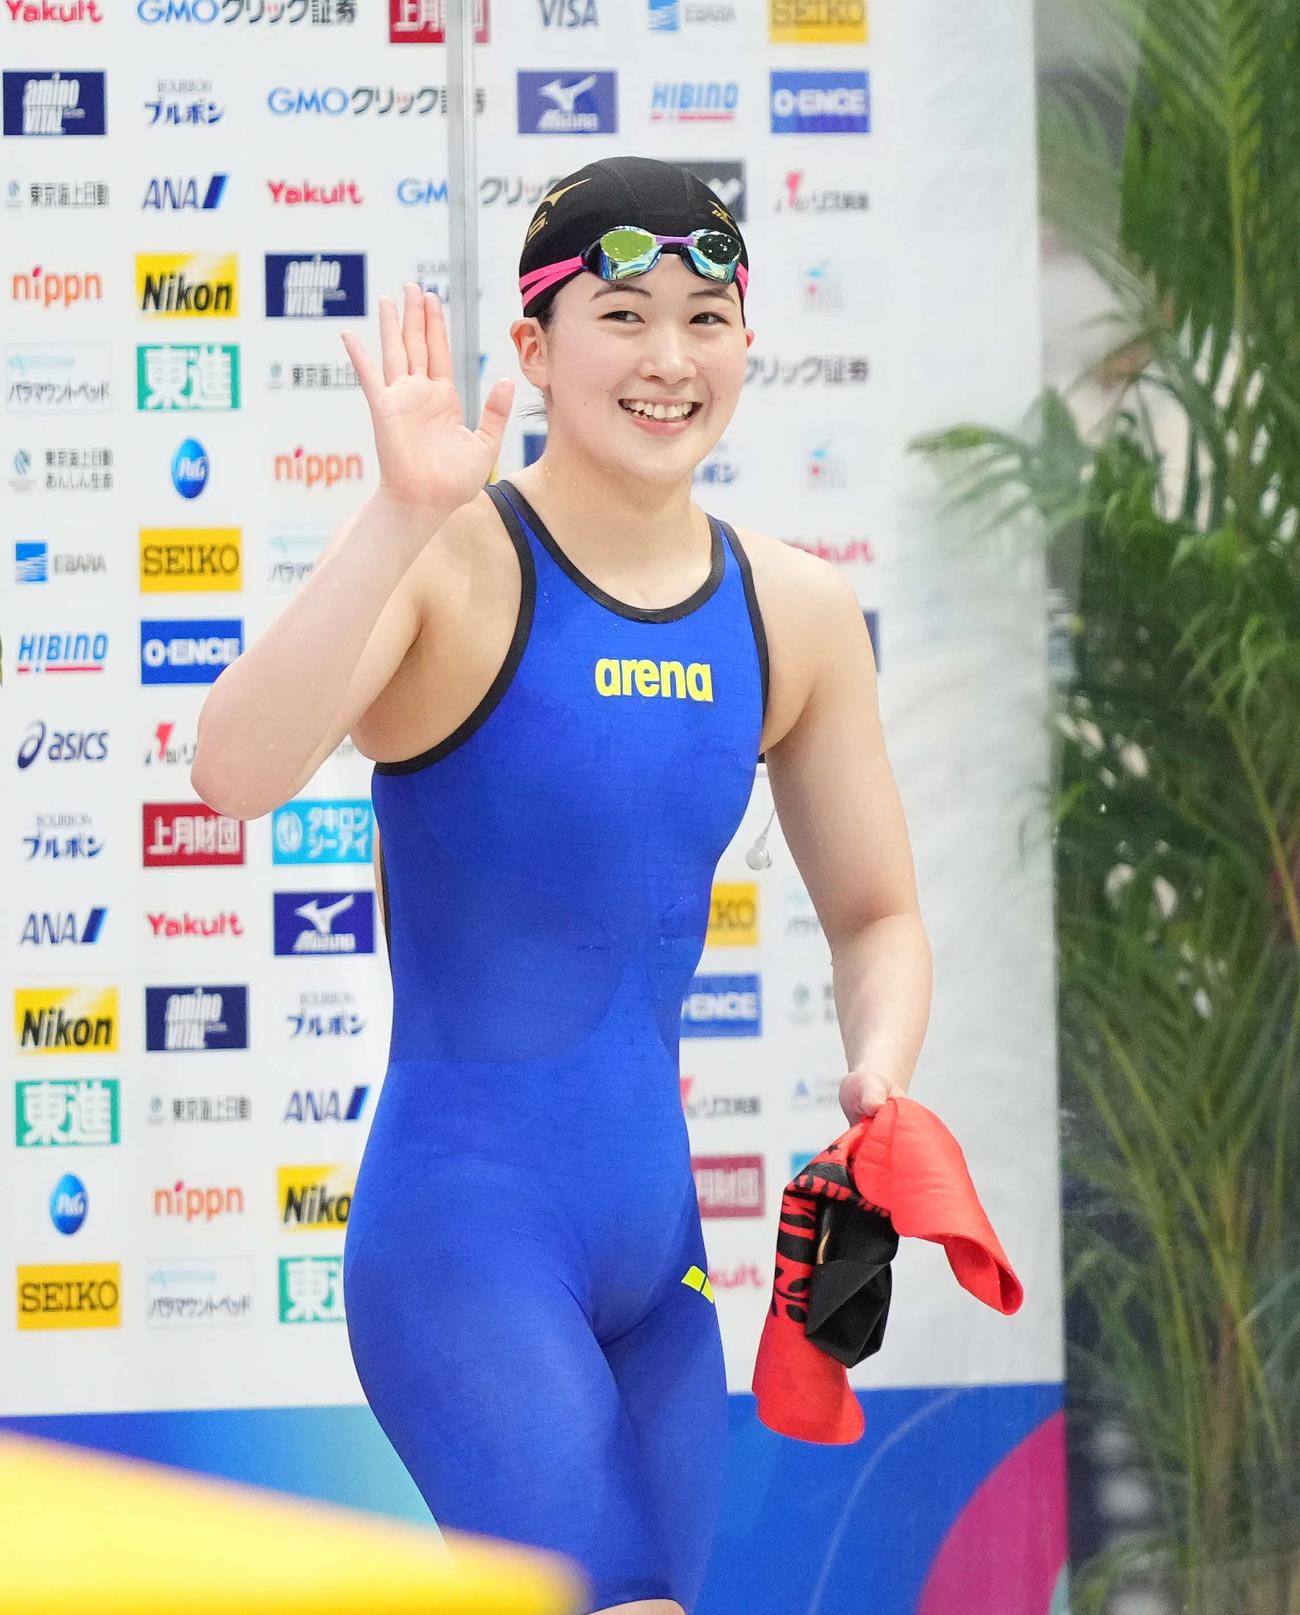 女子400メートル個人メドレーで東京五輪代表内定を決めた谷川は笑顔で手を振る(撮影・鈴木みどり)